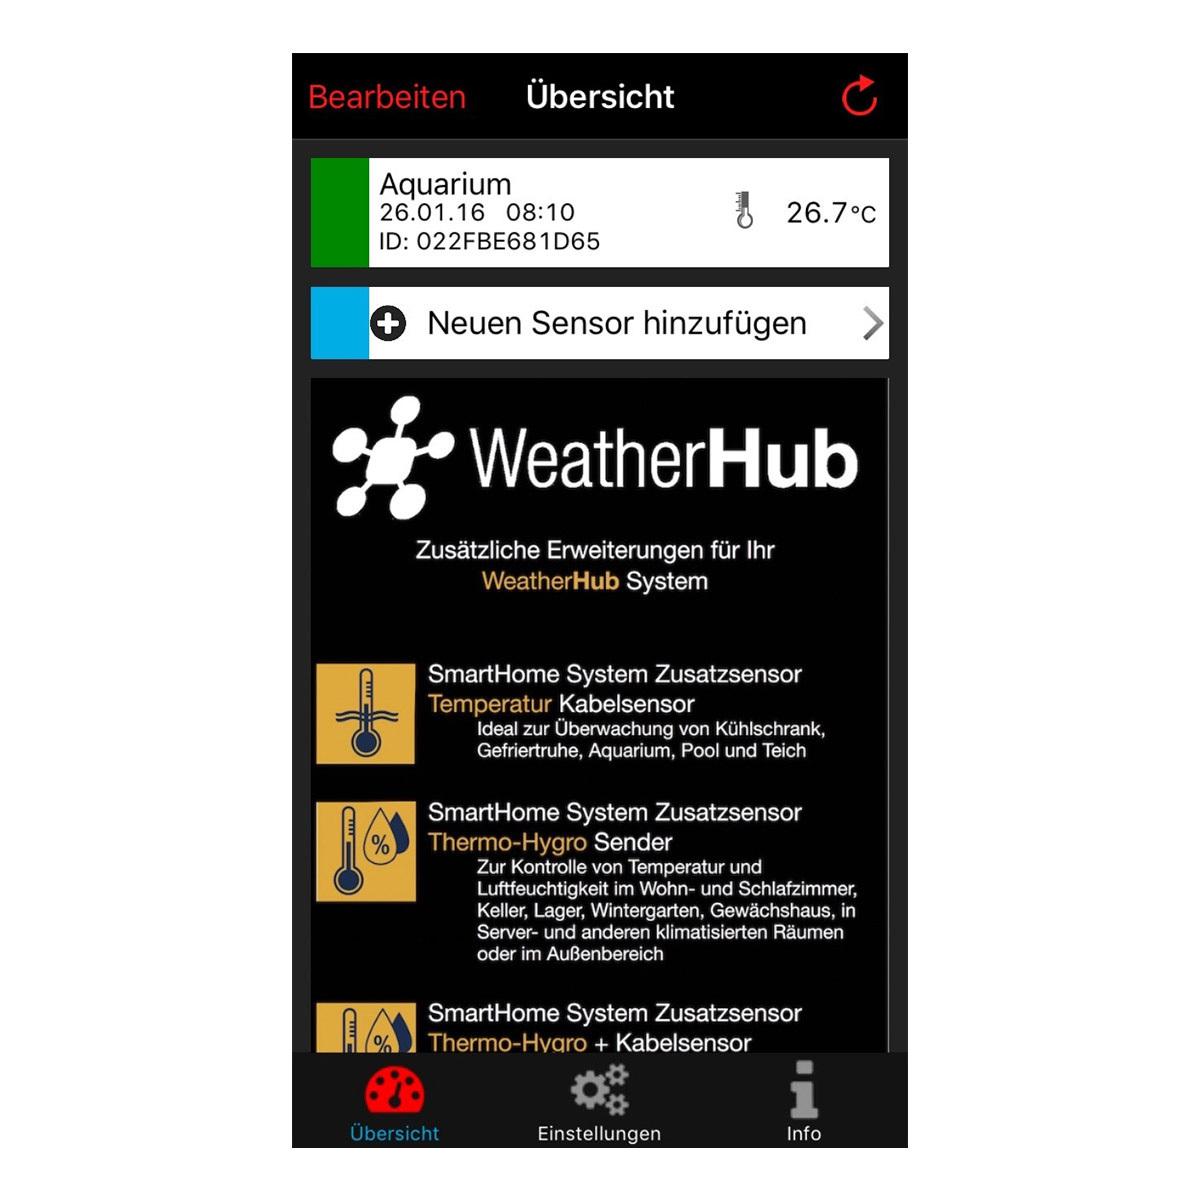 31-4002-02-starter-set-mit-temperatursender-mit-wasserfestem-kabelfühler-weatherhub-app-anwendung2-1200x1200px.jpg